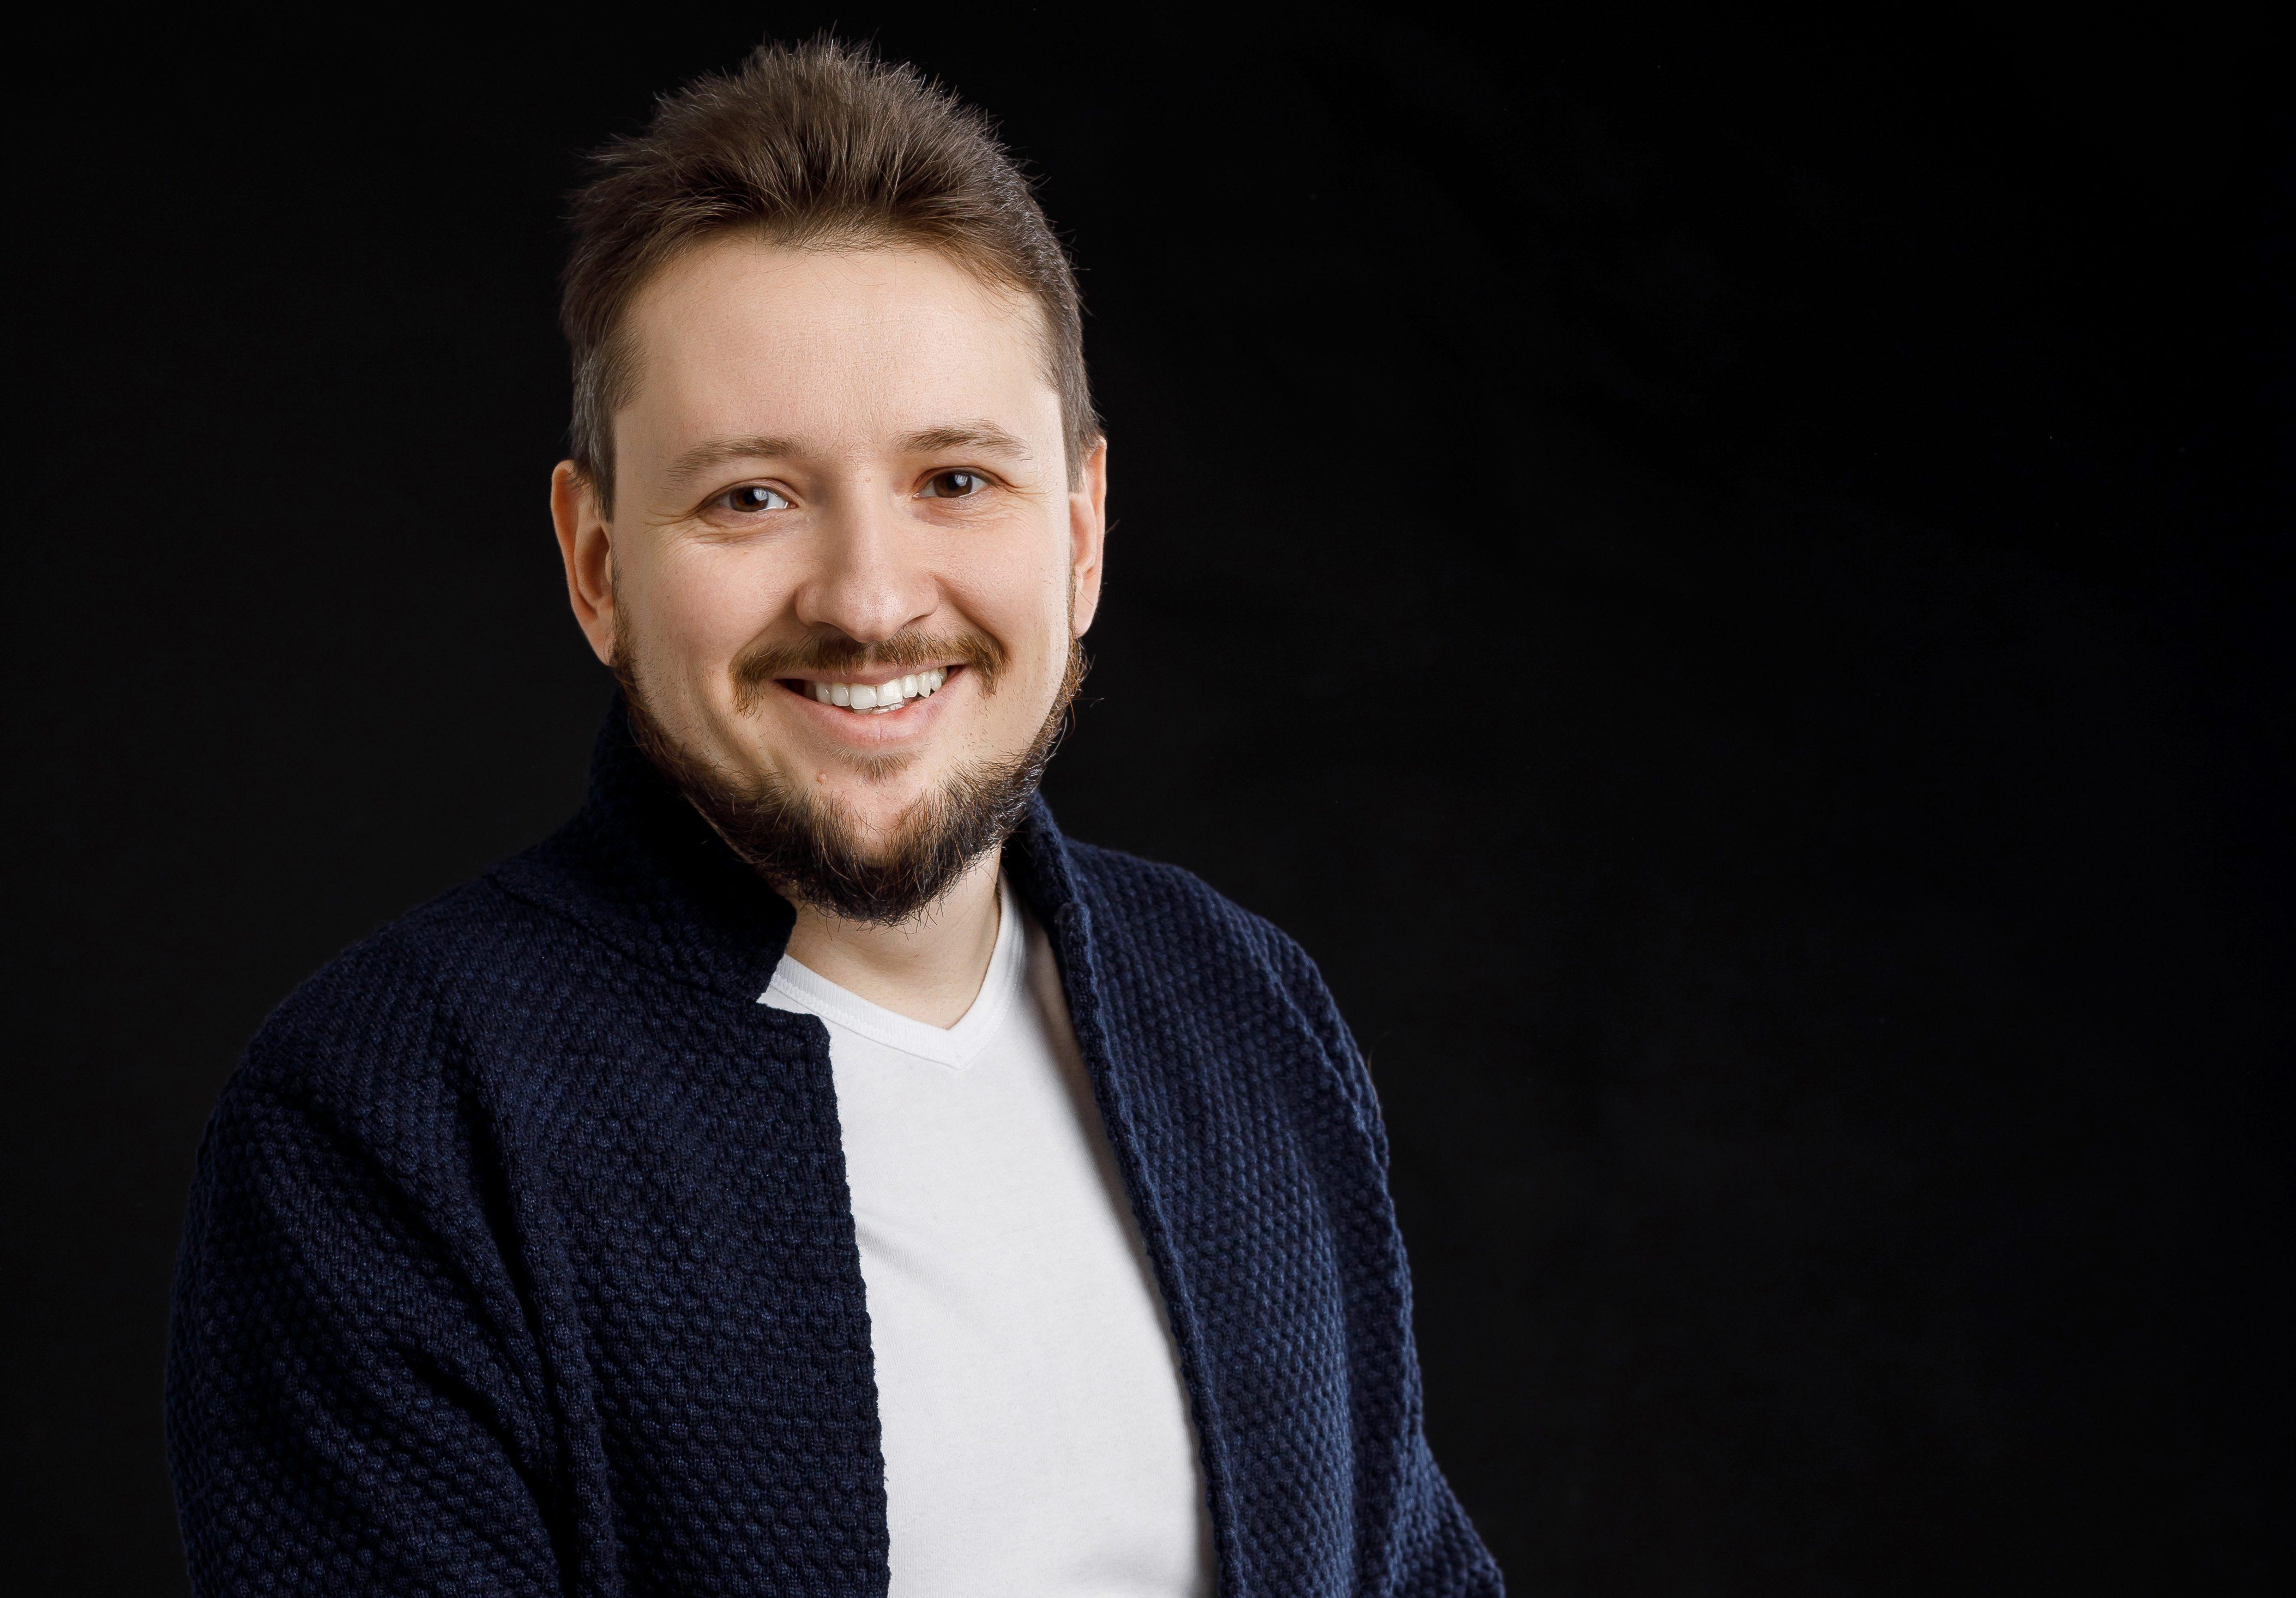 Senla founder and CEO, Igor Danilov